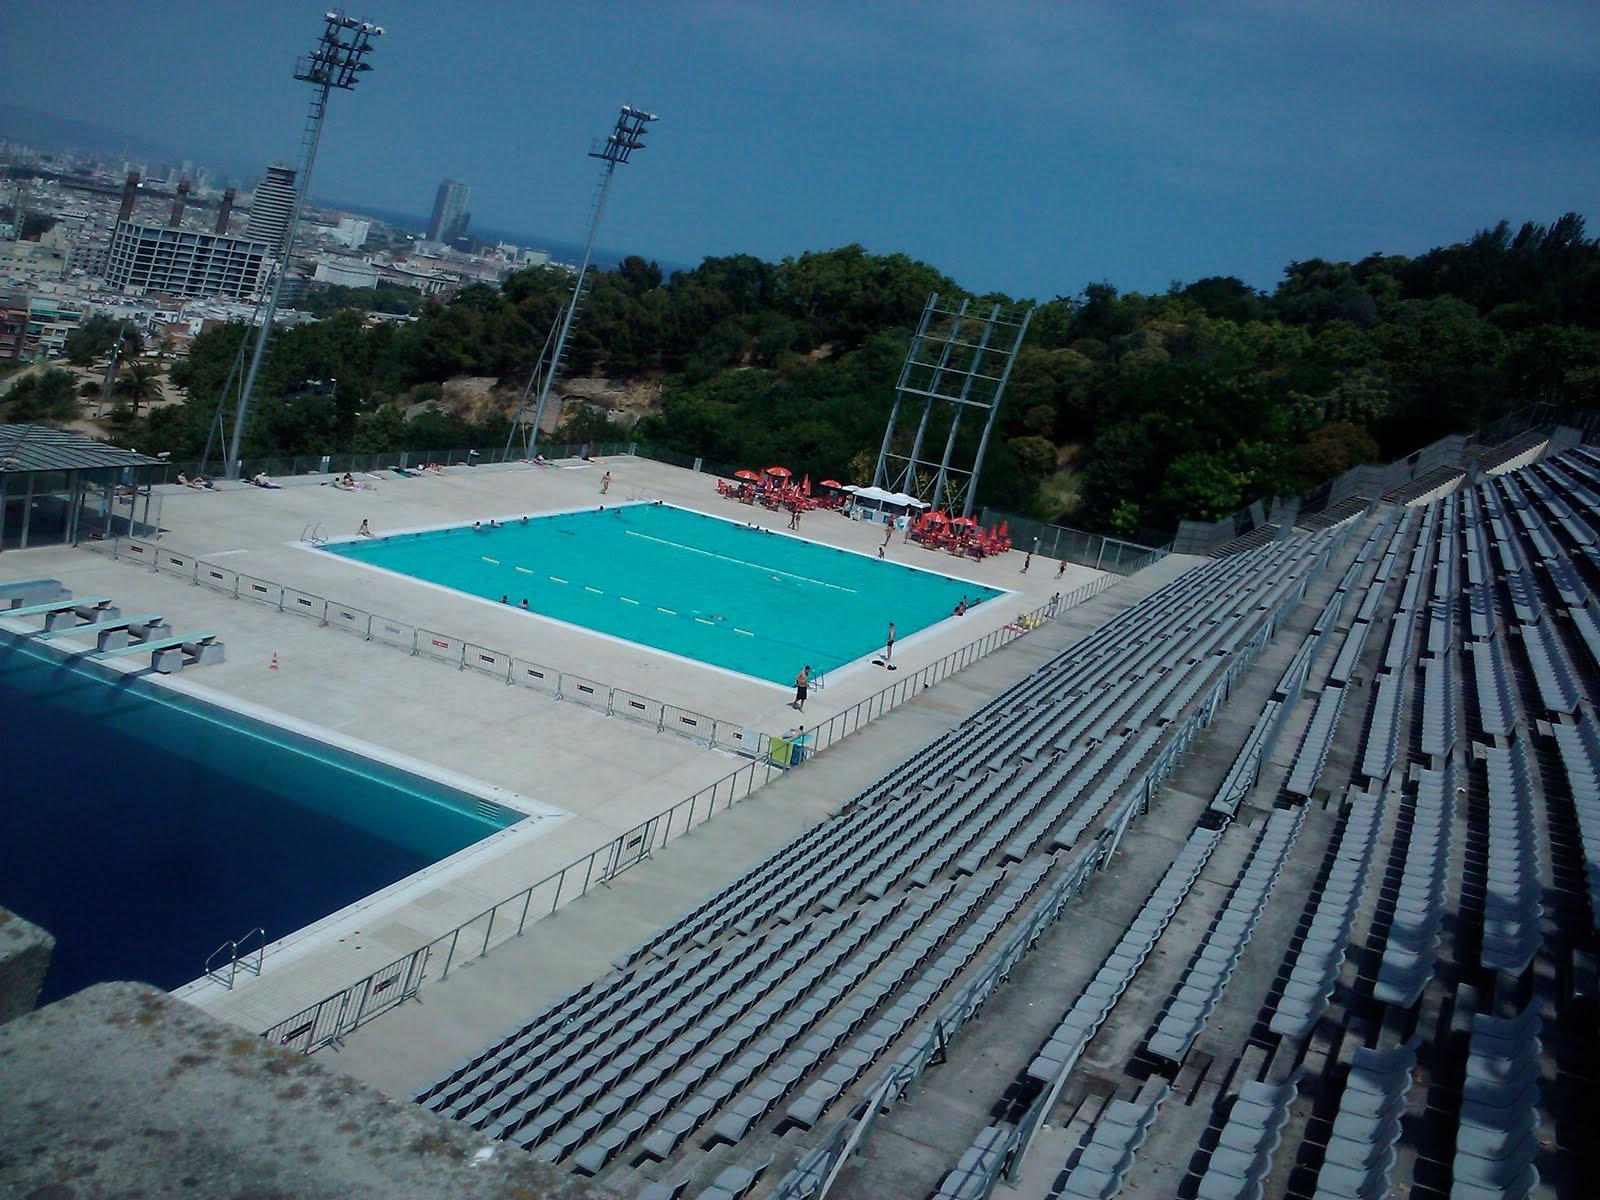 Cosas para hacer en barcelona asa 2010 piscina picornell - Piscina en barcelona ...